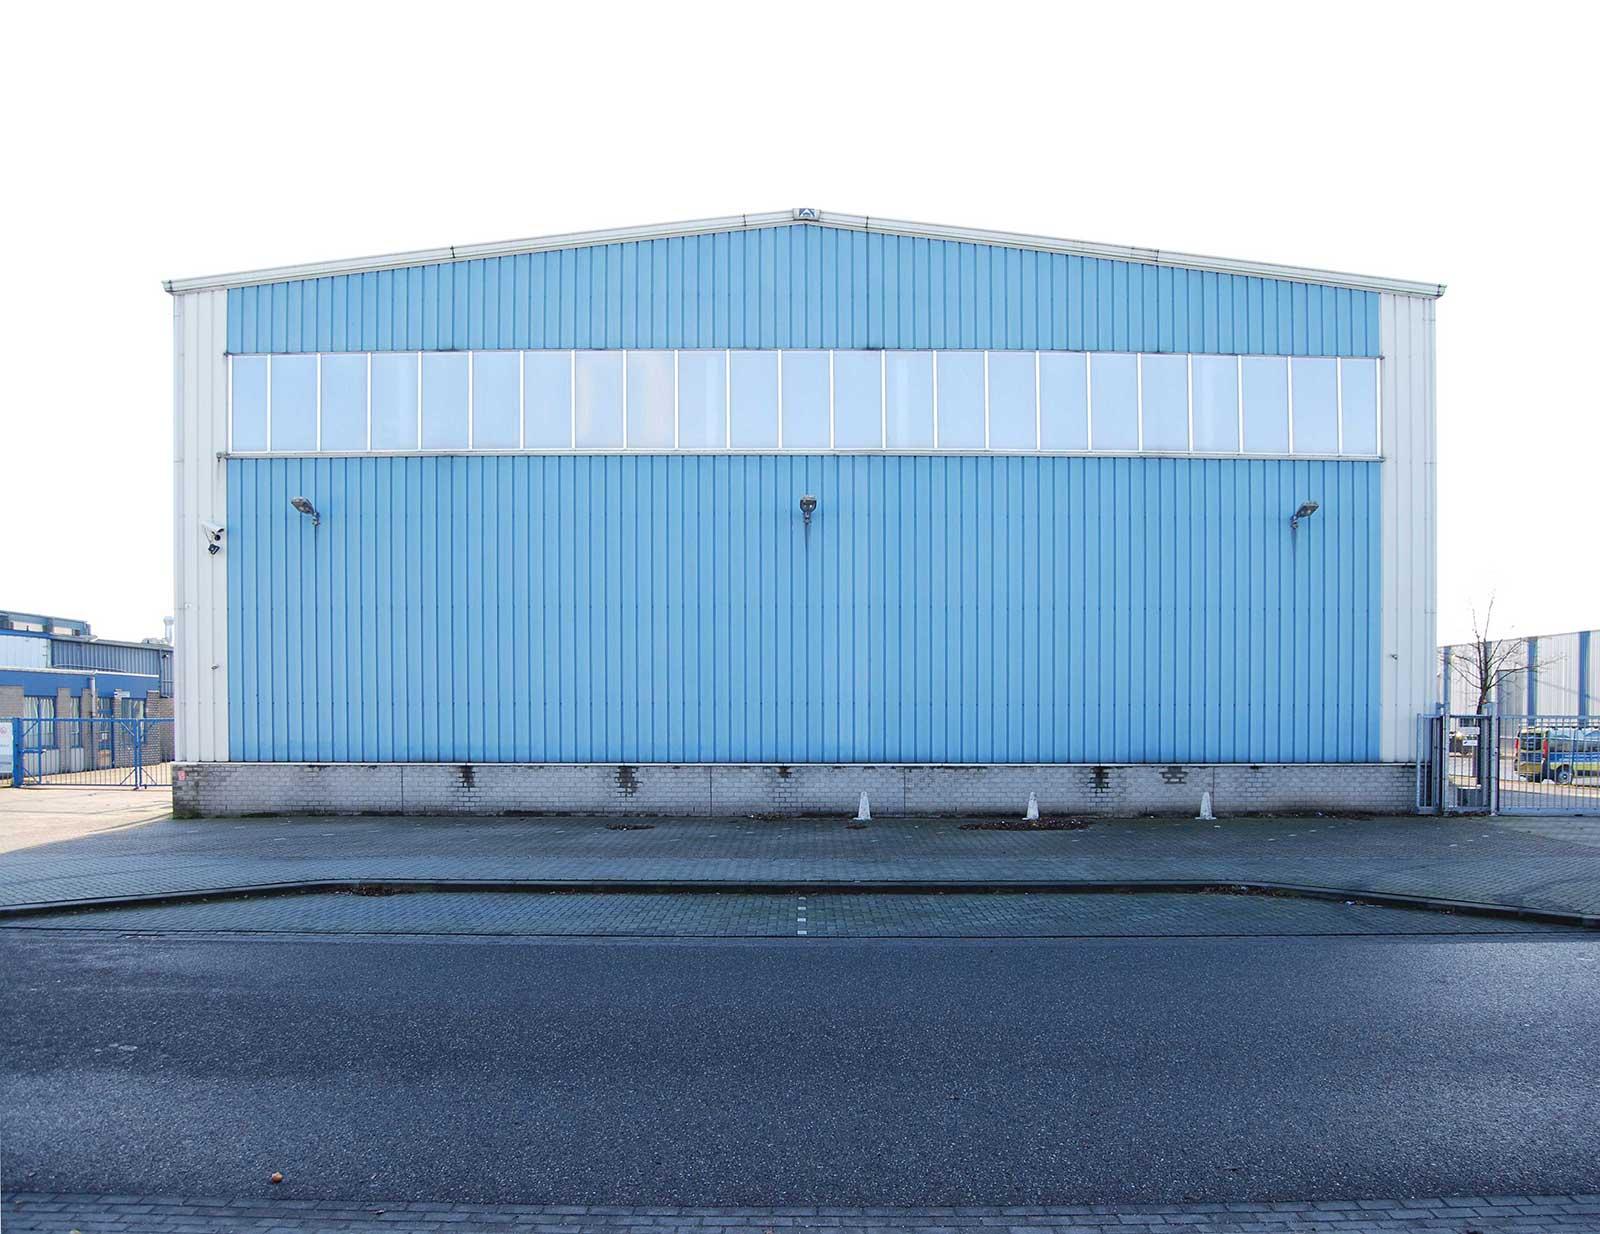 Existing facade of the Euramax factory